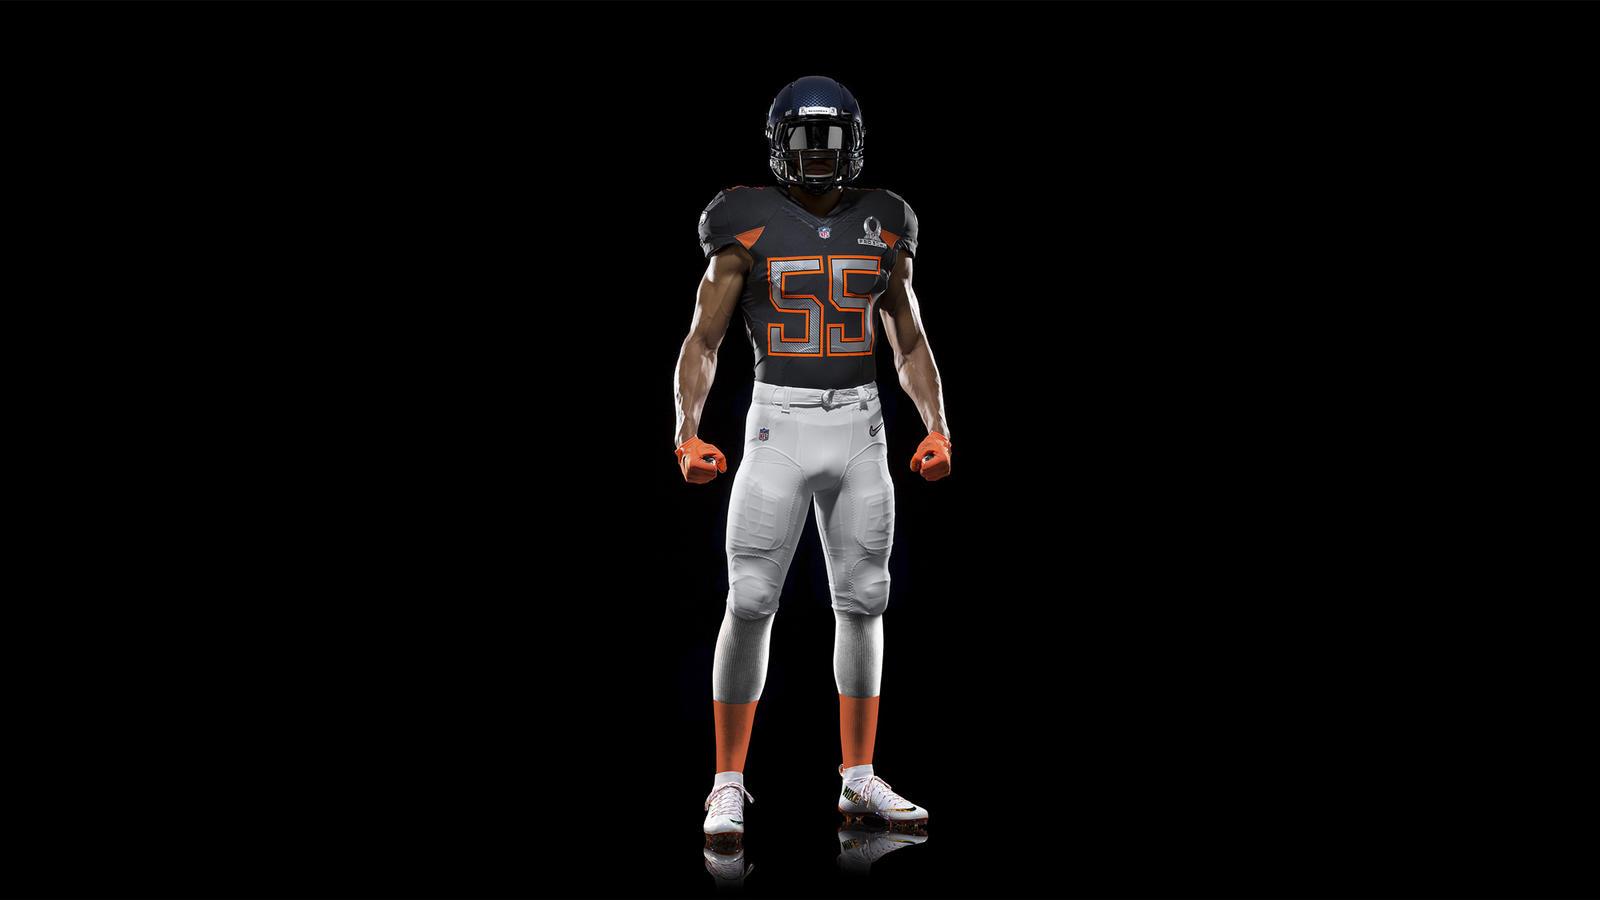 SP14_NFL_SB_TeamUni_NFC_4678_PR